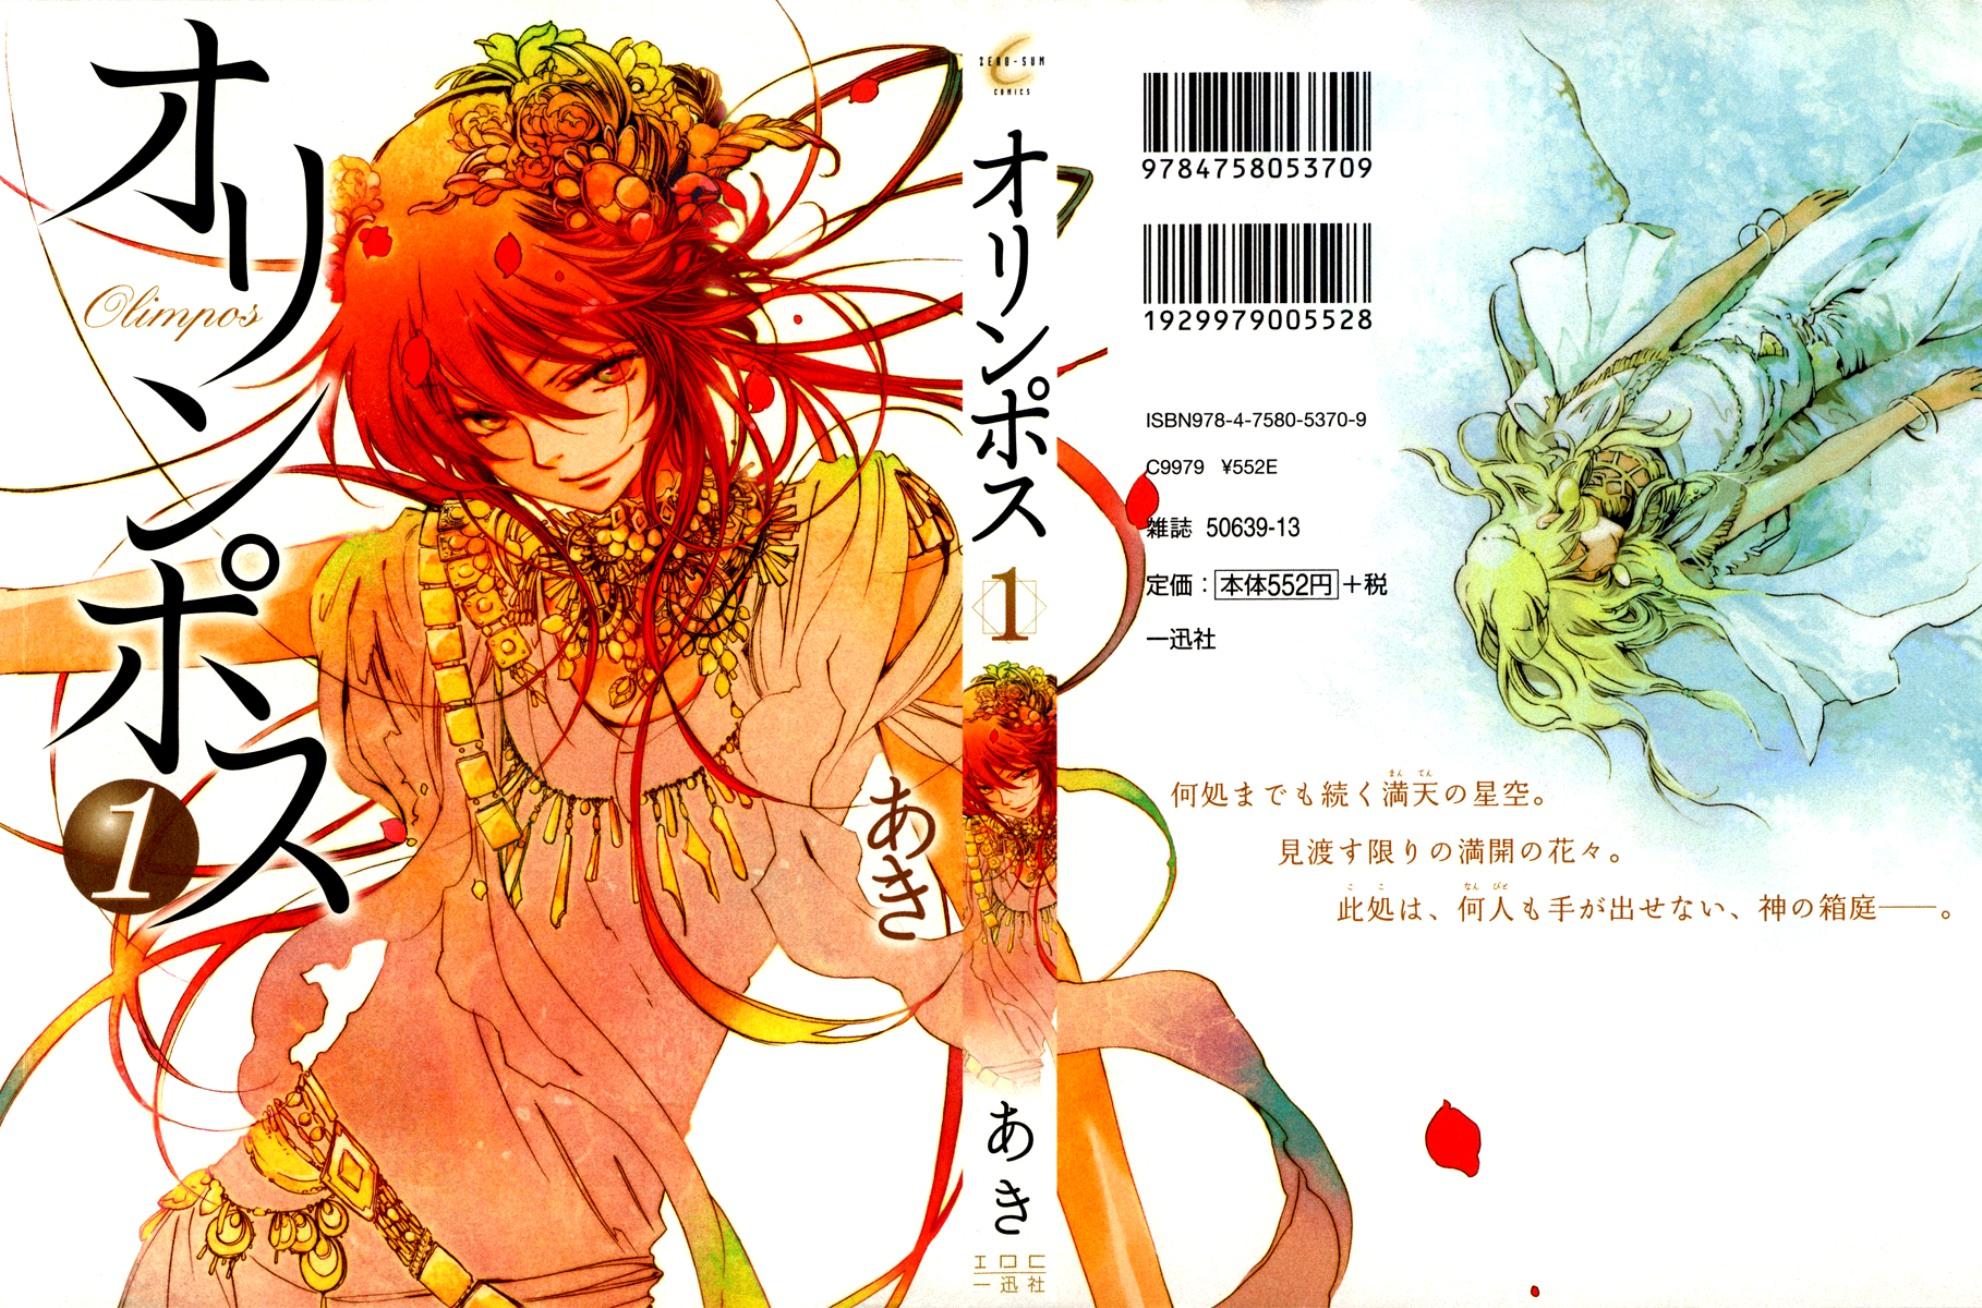 Olimpos zerochan anime image board - Dessin manga image ...